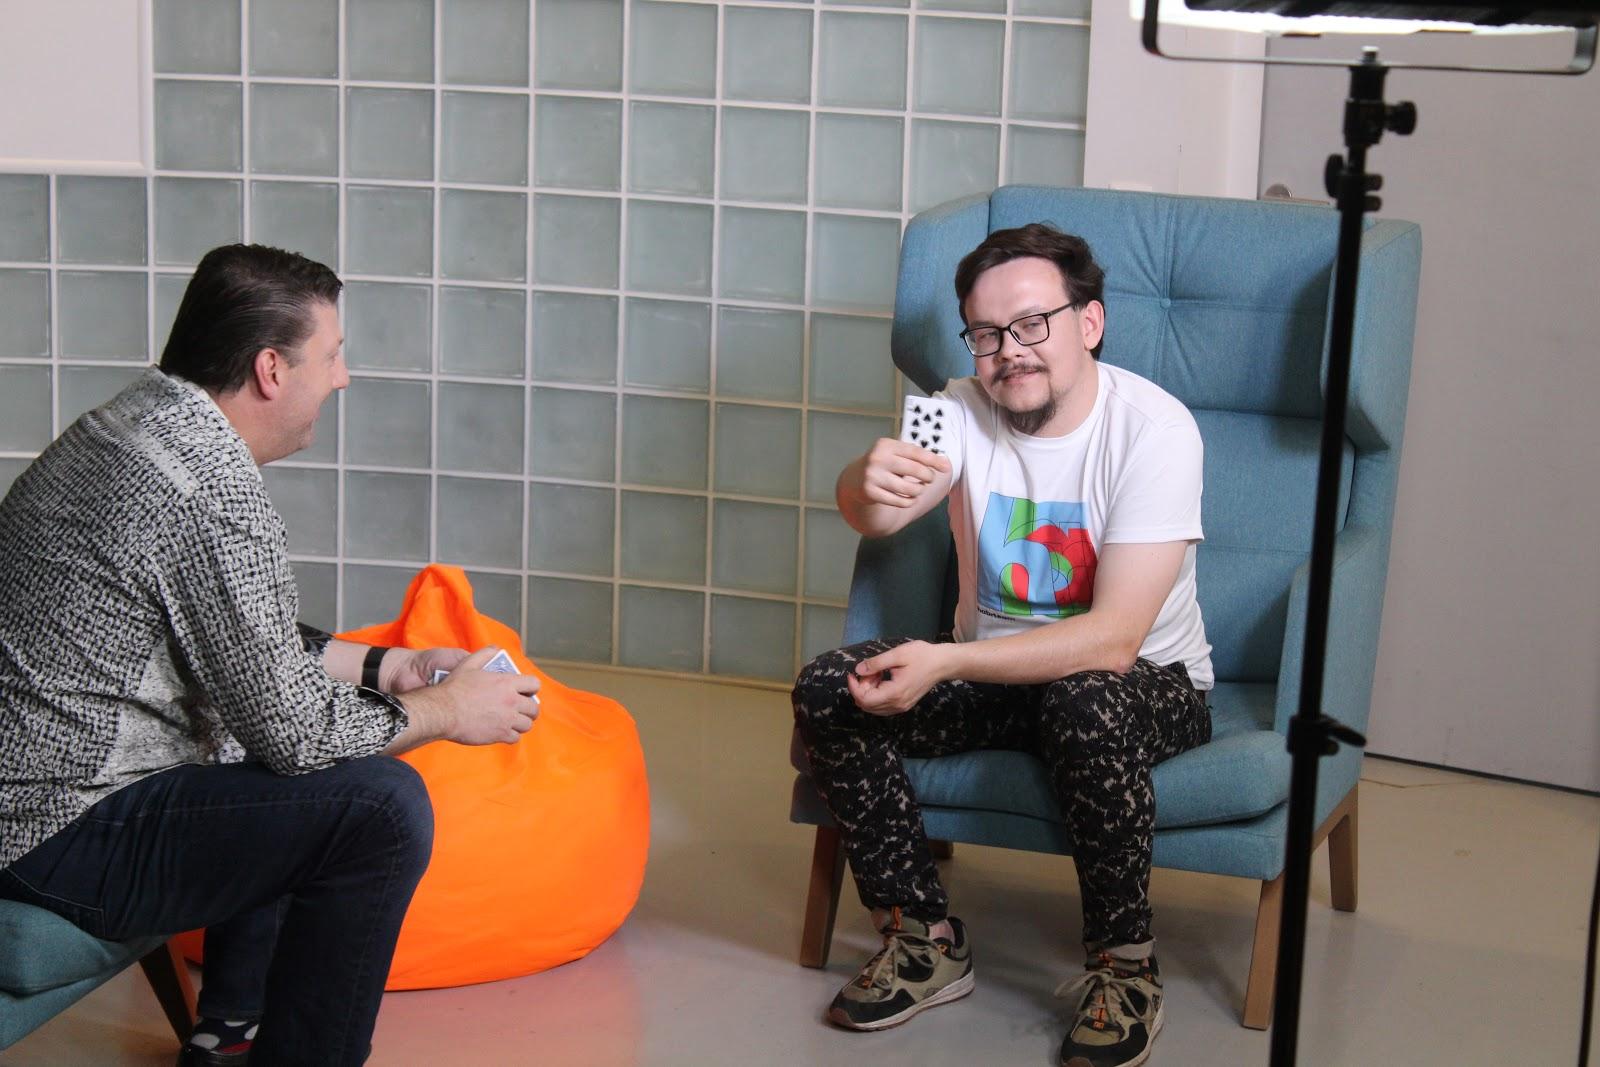 Тот, кто воскресил Duke Nukem: интервью с Рэнди Питчфордом, волшебником из Gearbox - 15